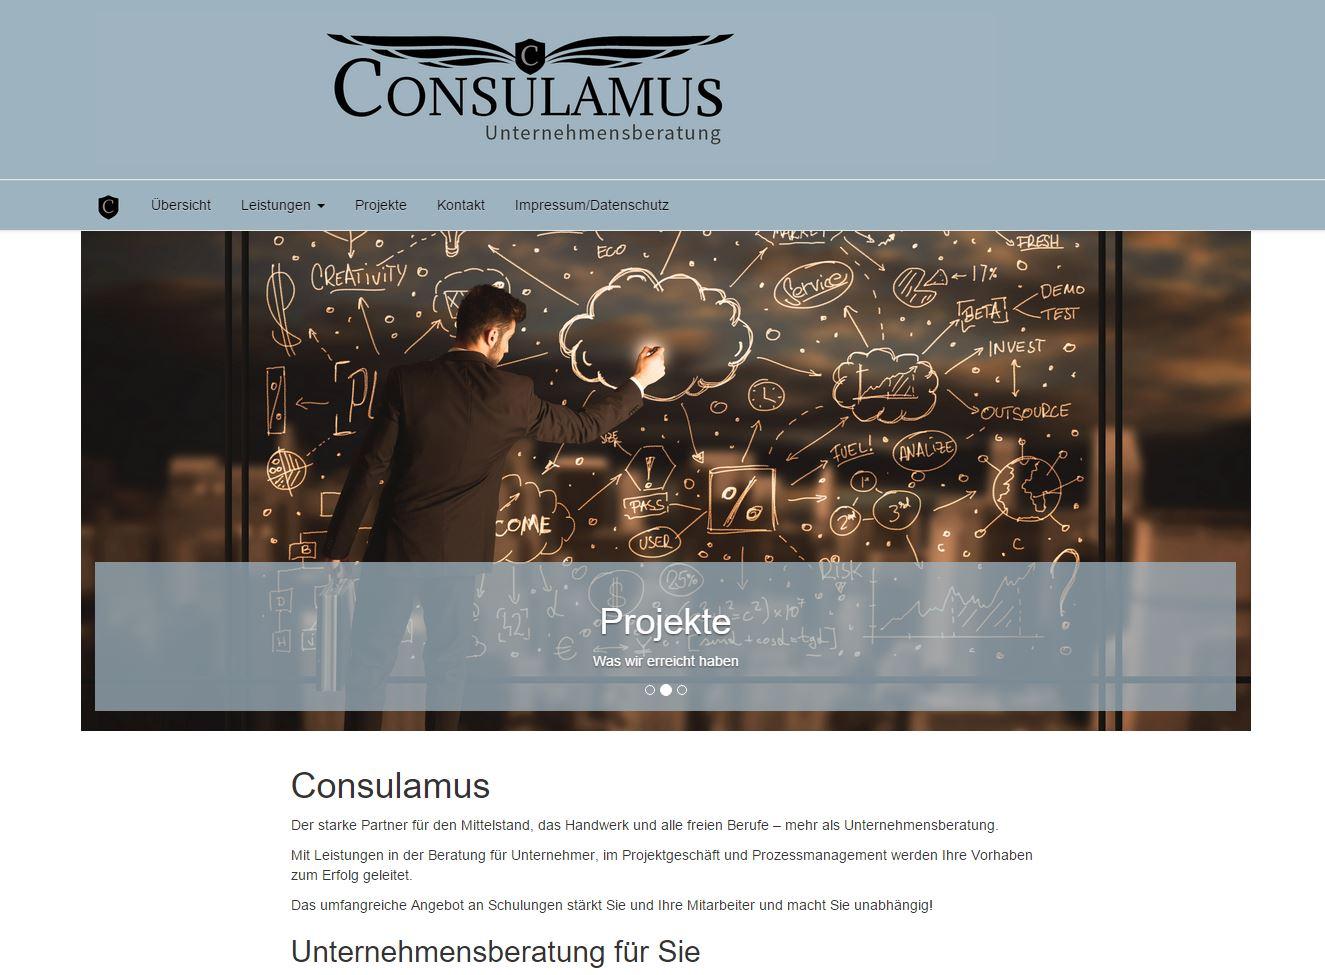 Consulamus.de